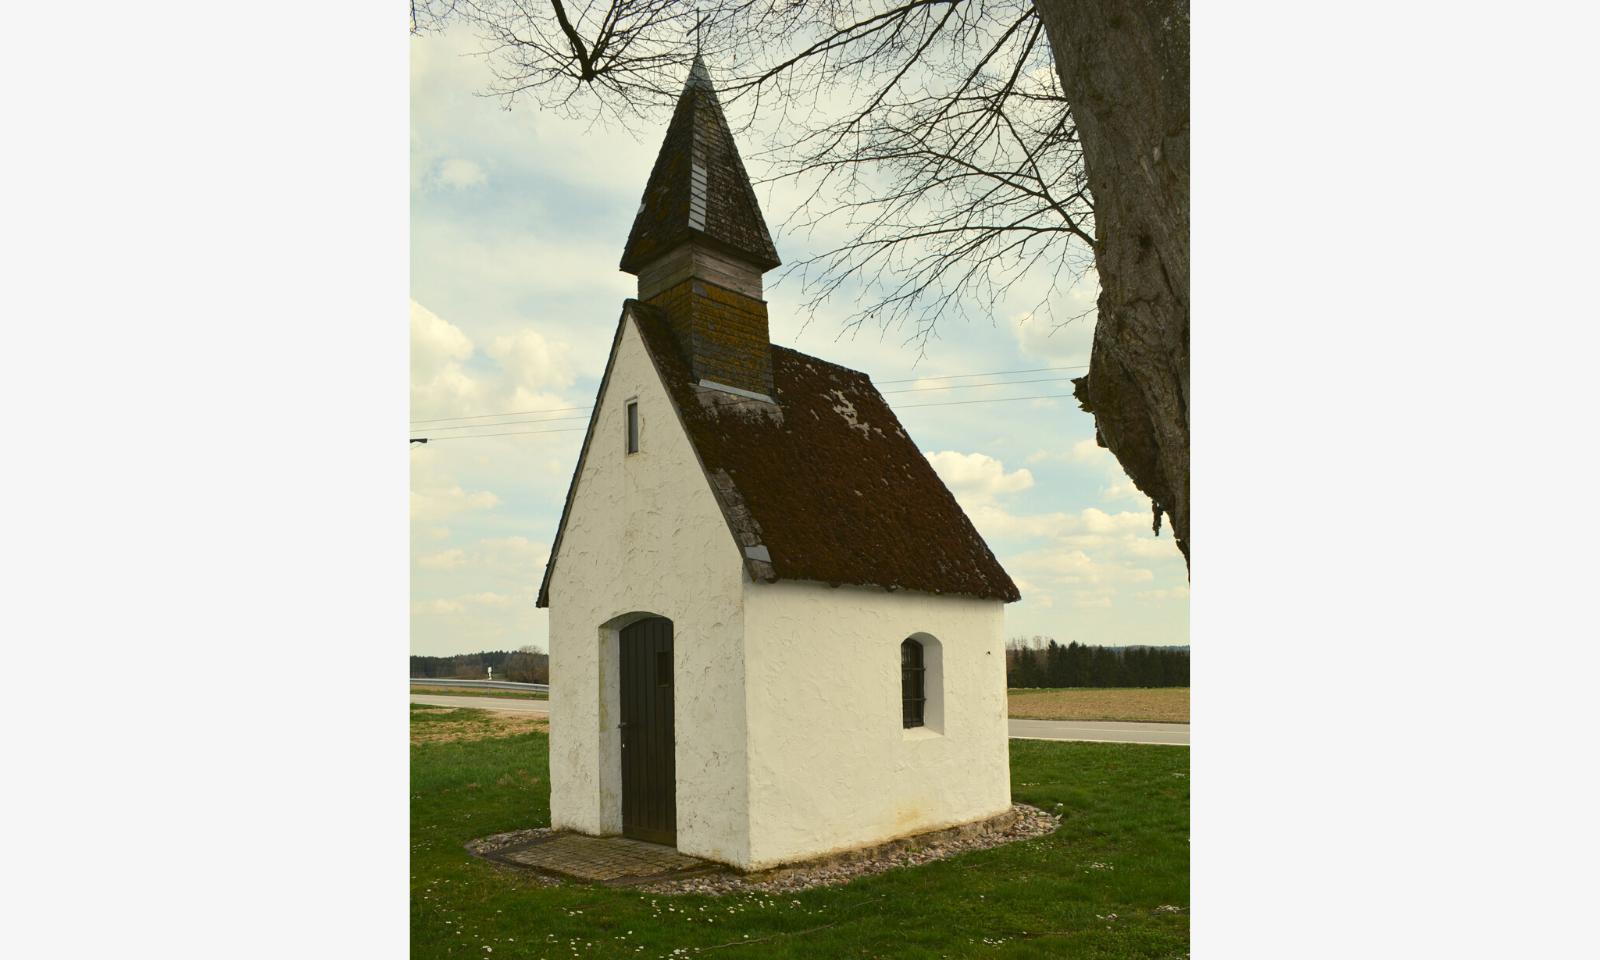 Hoetzl Kapelle Entry Image